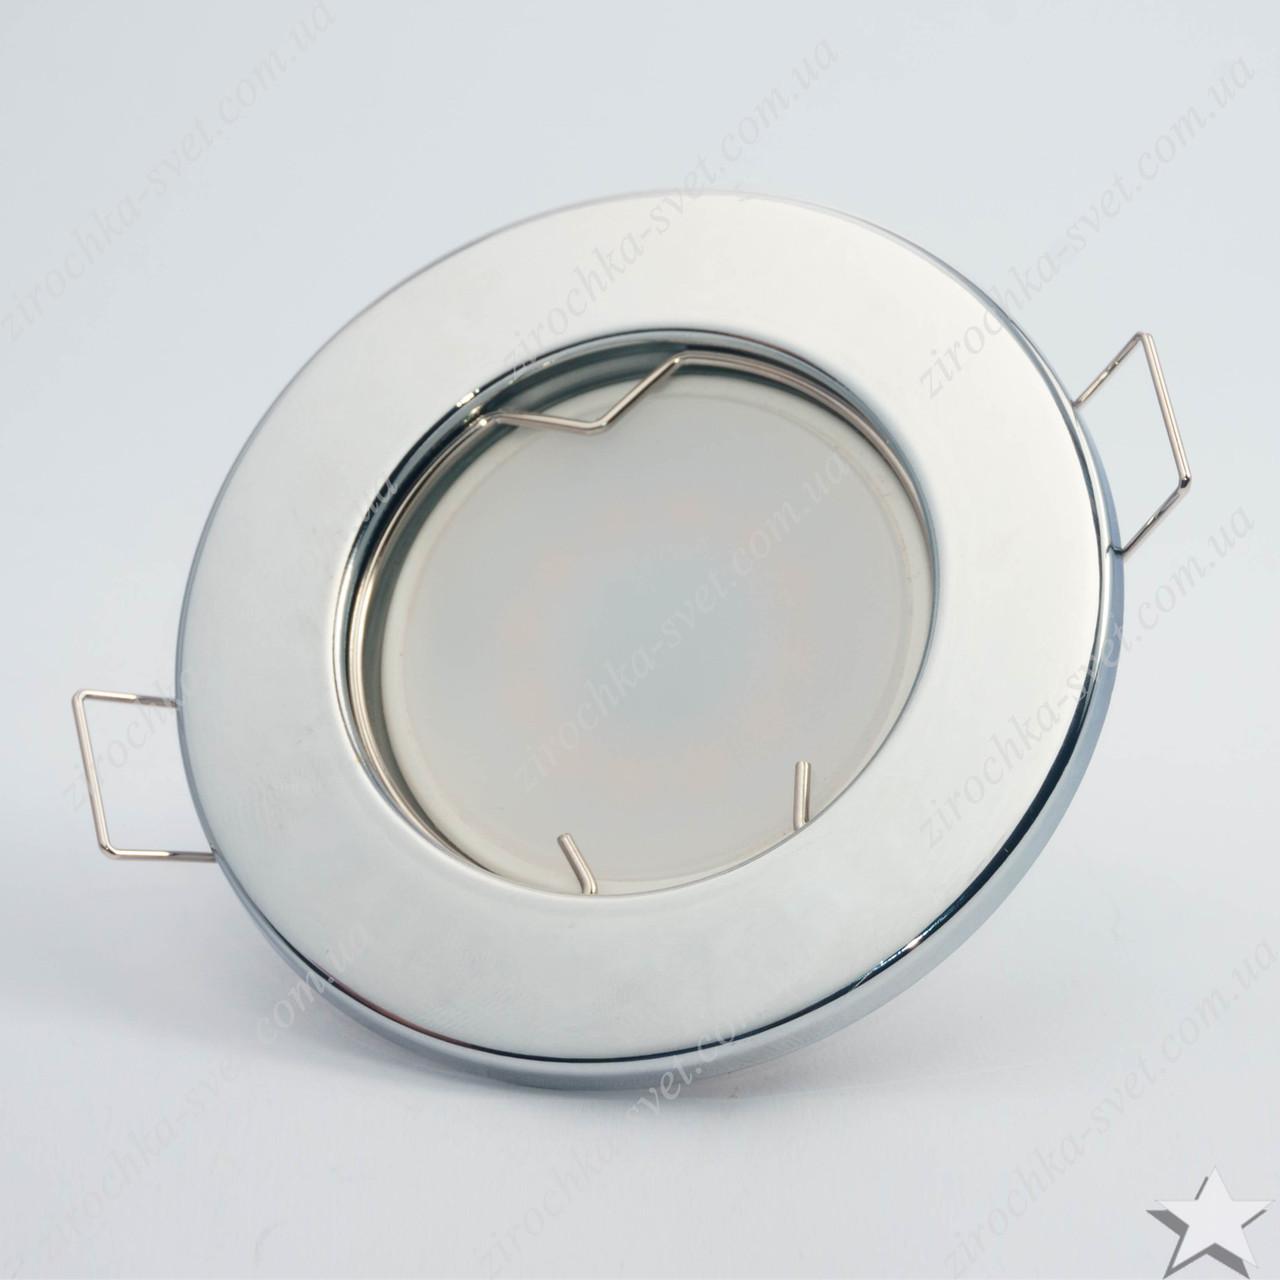 Светильник встраиваемый Feron DL10 хром под лампу MR16